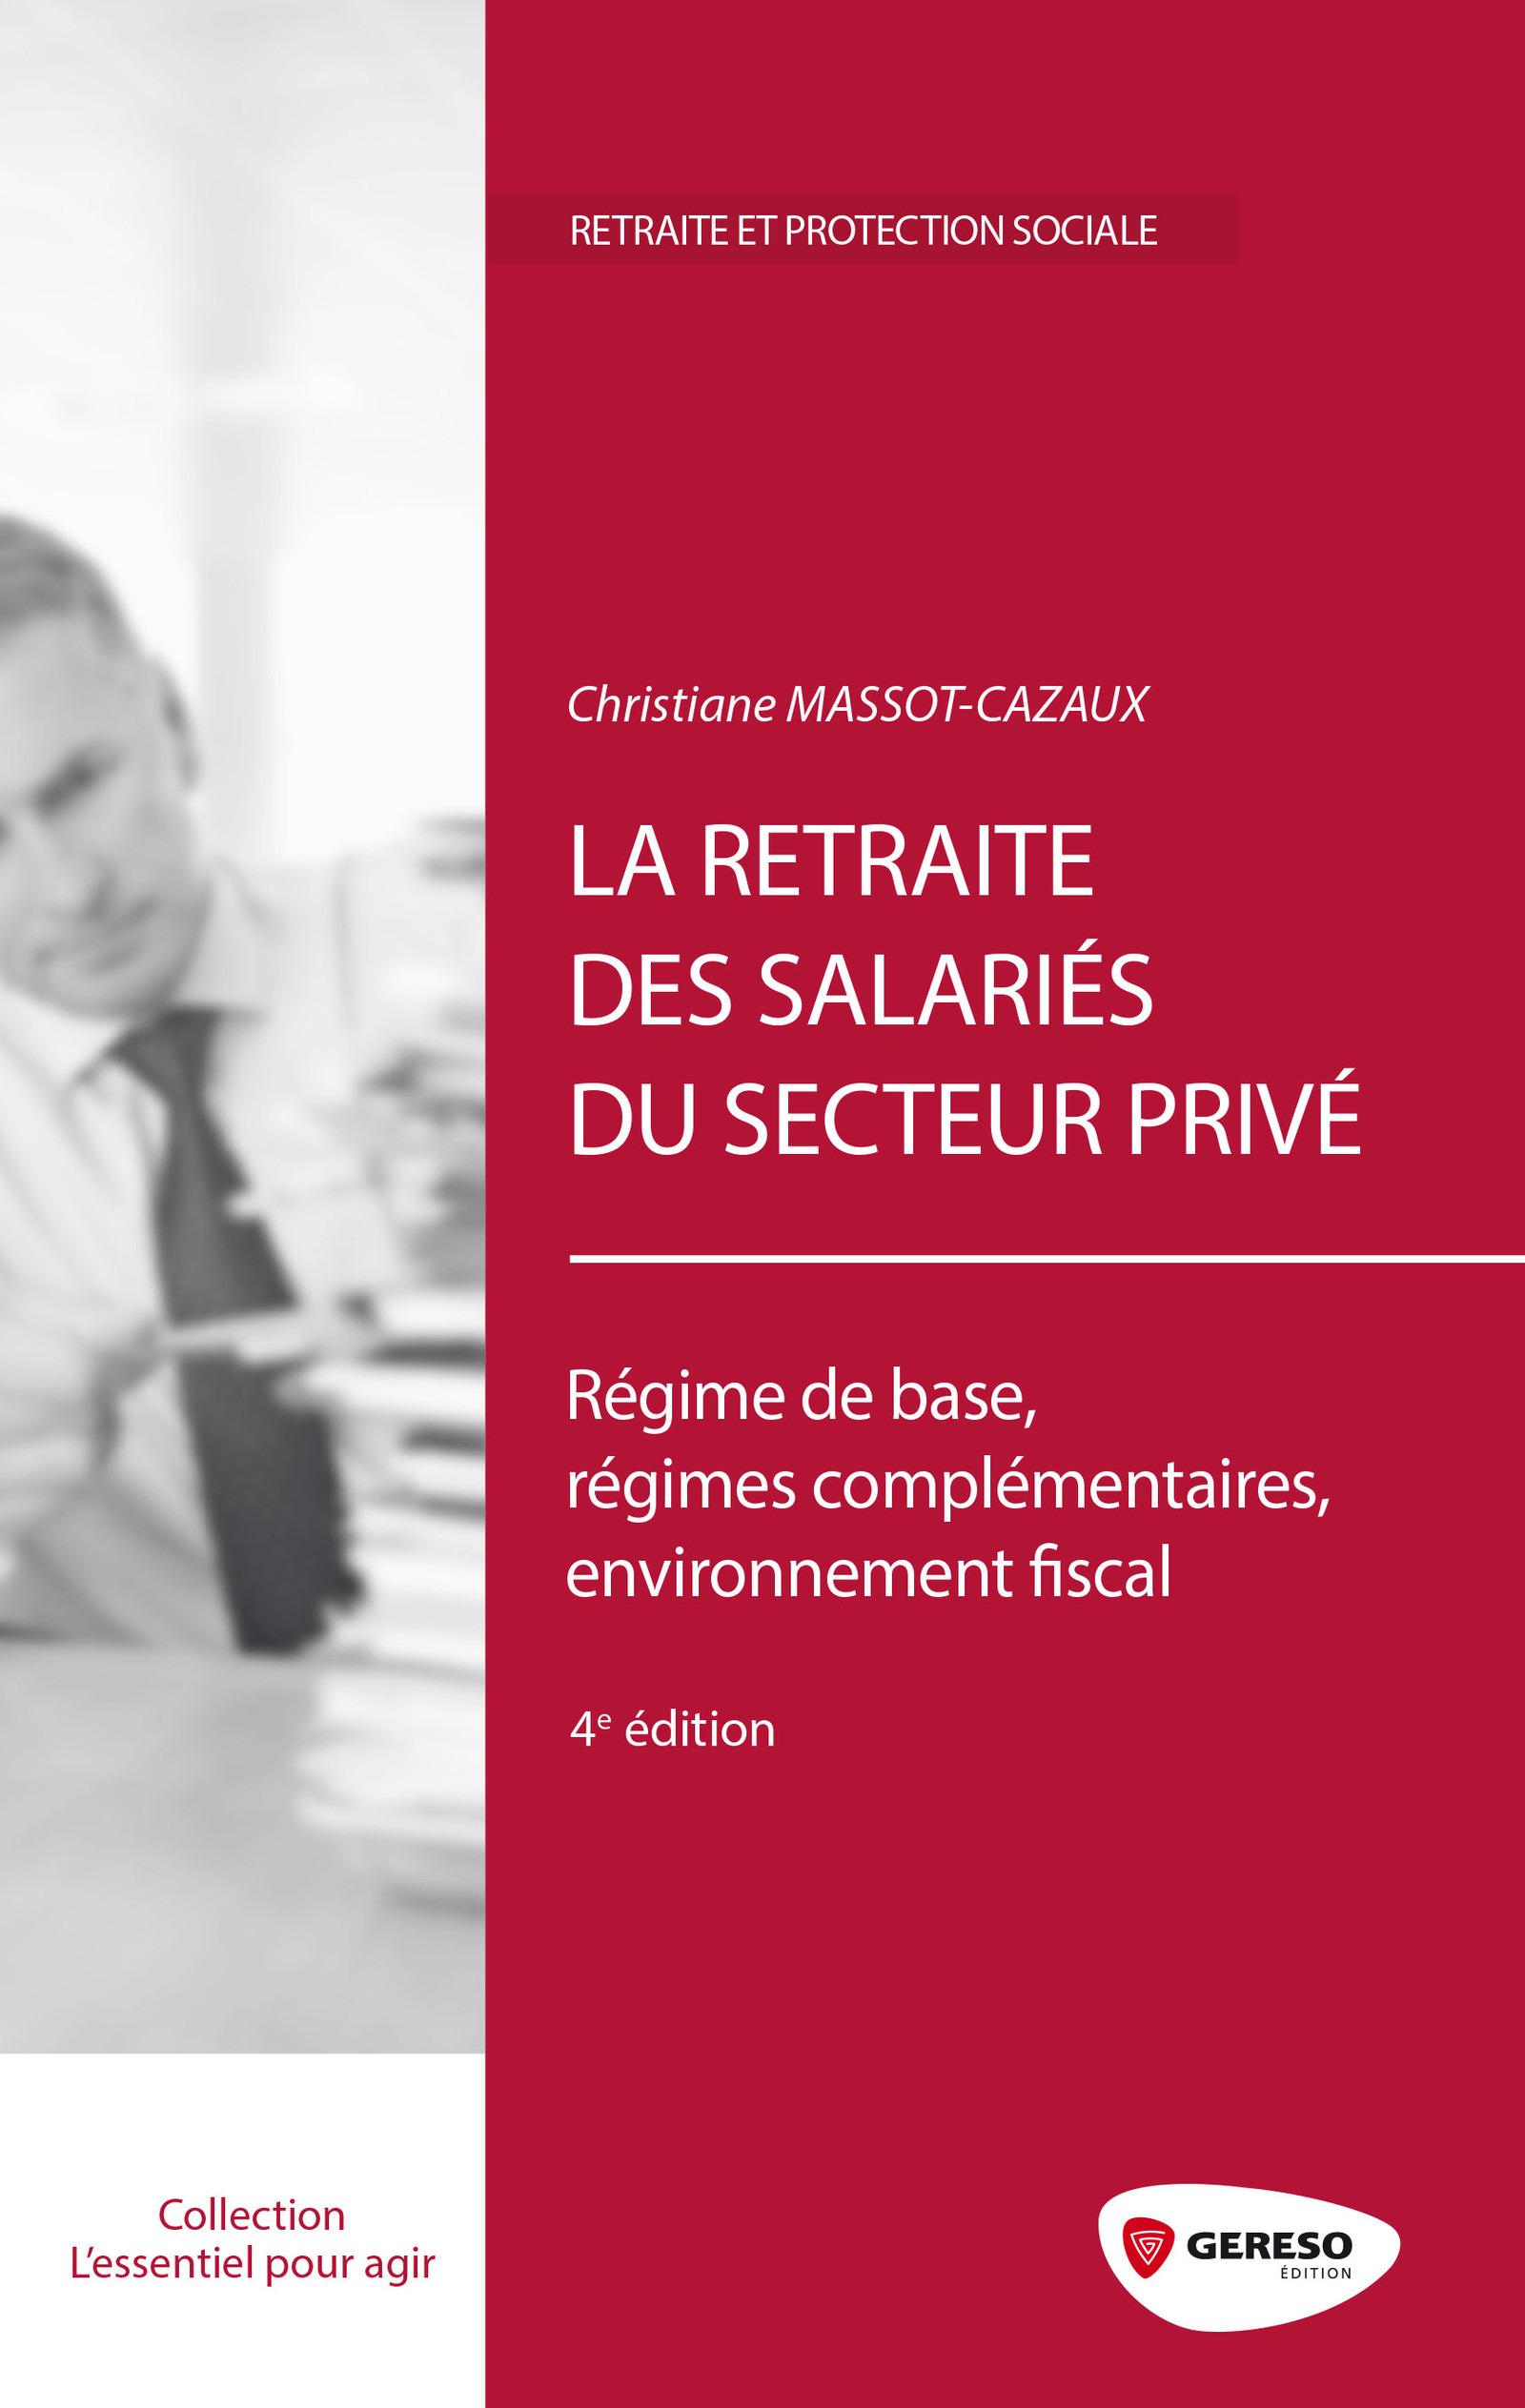 La retraite des salariés du secteur privé